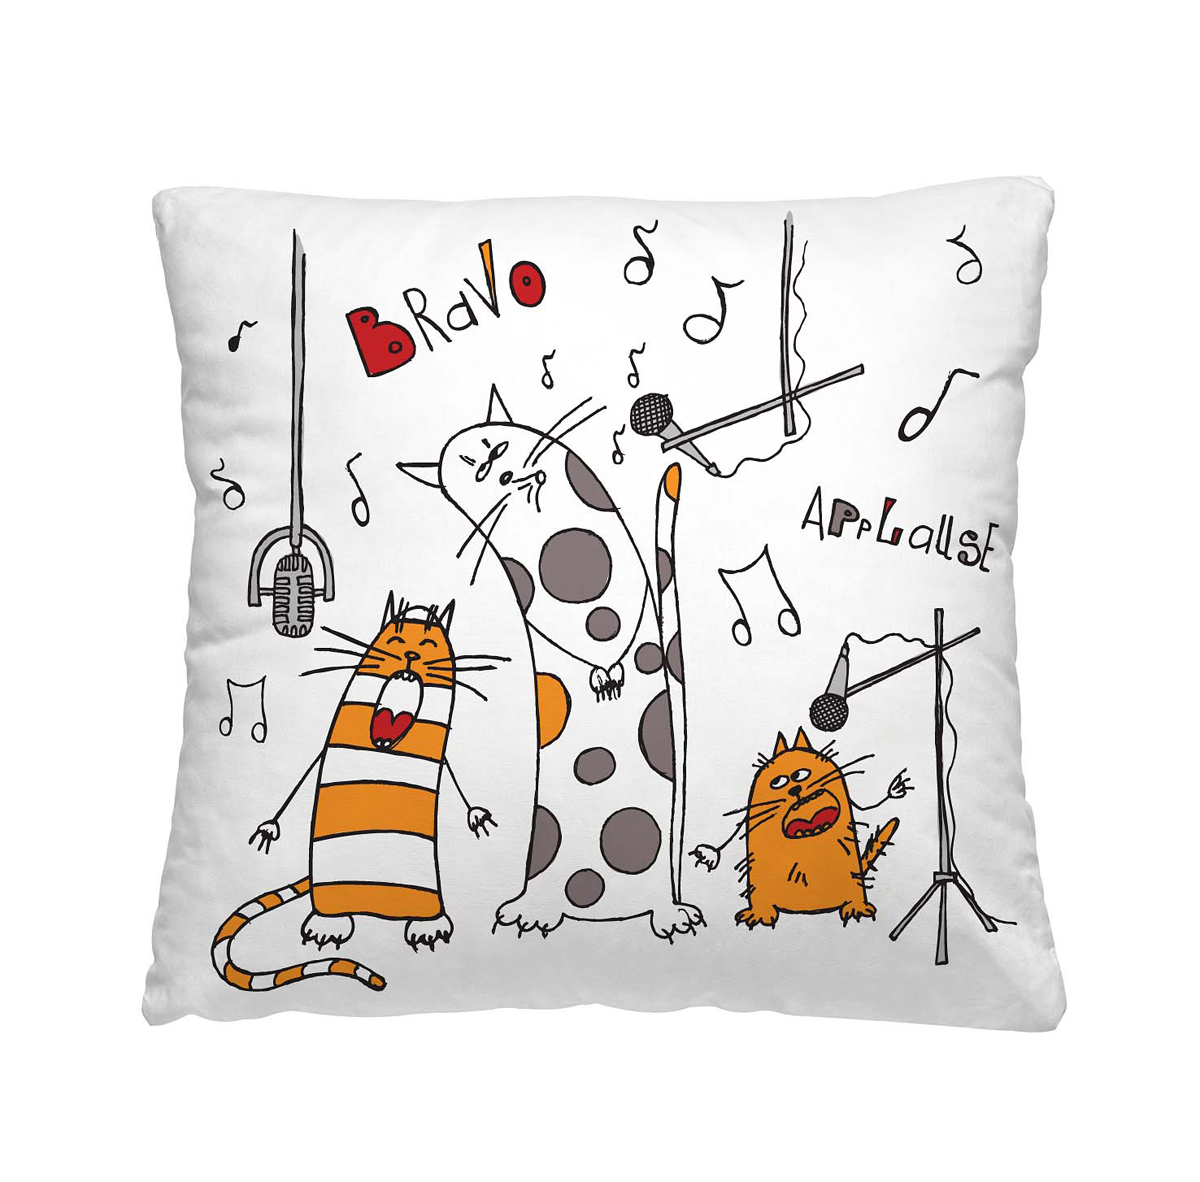 Подушка декоративная Волшебная ночь Веселые коты, 40 х 40 см6113MДекоративная подушка Волшебная ночь Веселые коты прекрасно дополнит интерьер спальни или гостиной. Чехол подушки выполнен из 100% полиэстера. Лицевая сторона украшена красивым рисунком. Наполнитель - полиэстер.Красивая подушка создаст атмосферу уюта в доме и станет прекрасным элементом декора.Особенности изделия: - Съёмный чехол на молнии; - Наполнитель в индивидуальной наволочке; - Оборотная сторона из стёганого полотна для улучшения формоустойчивостиРазмер: 40 x 40 см.